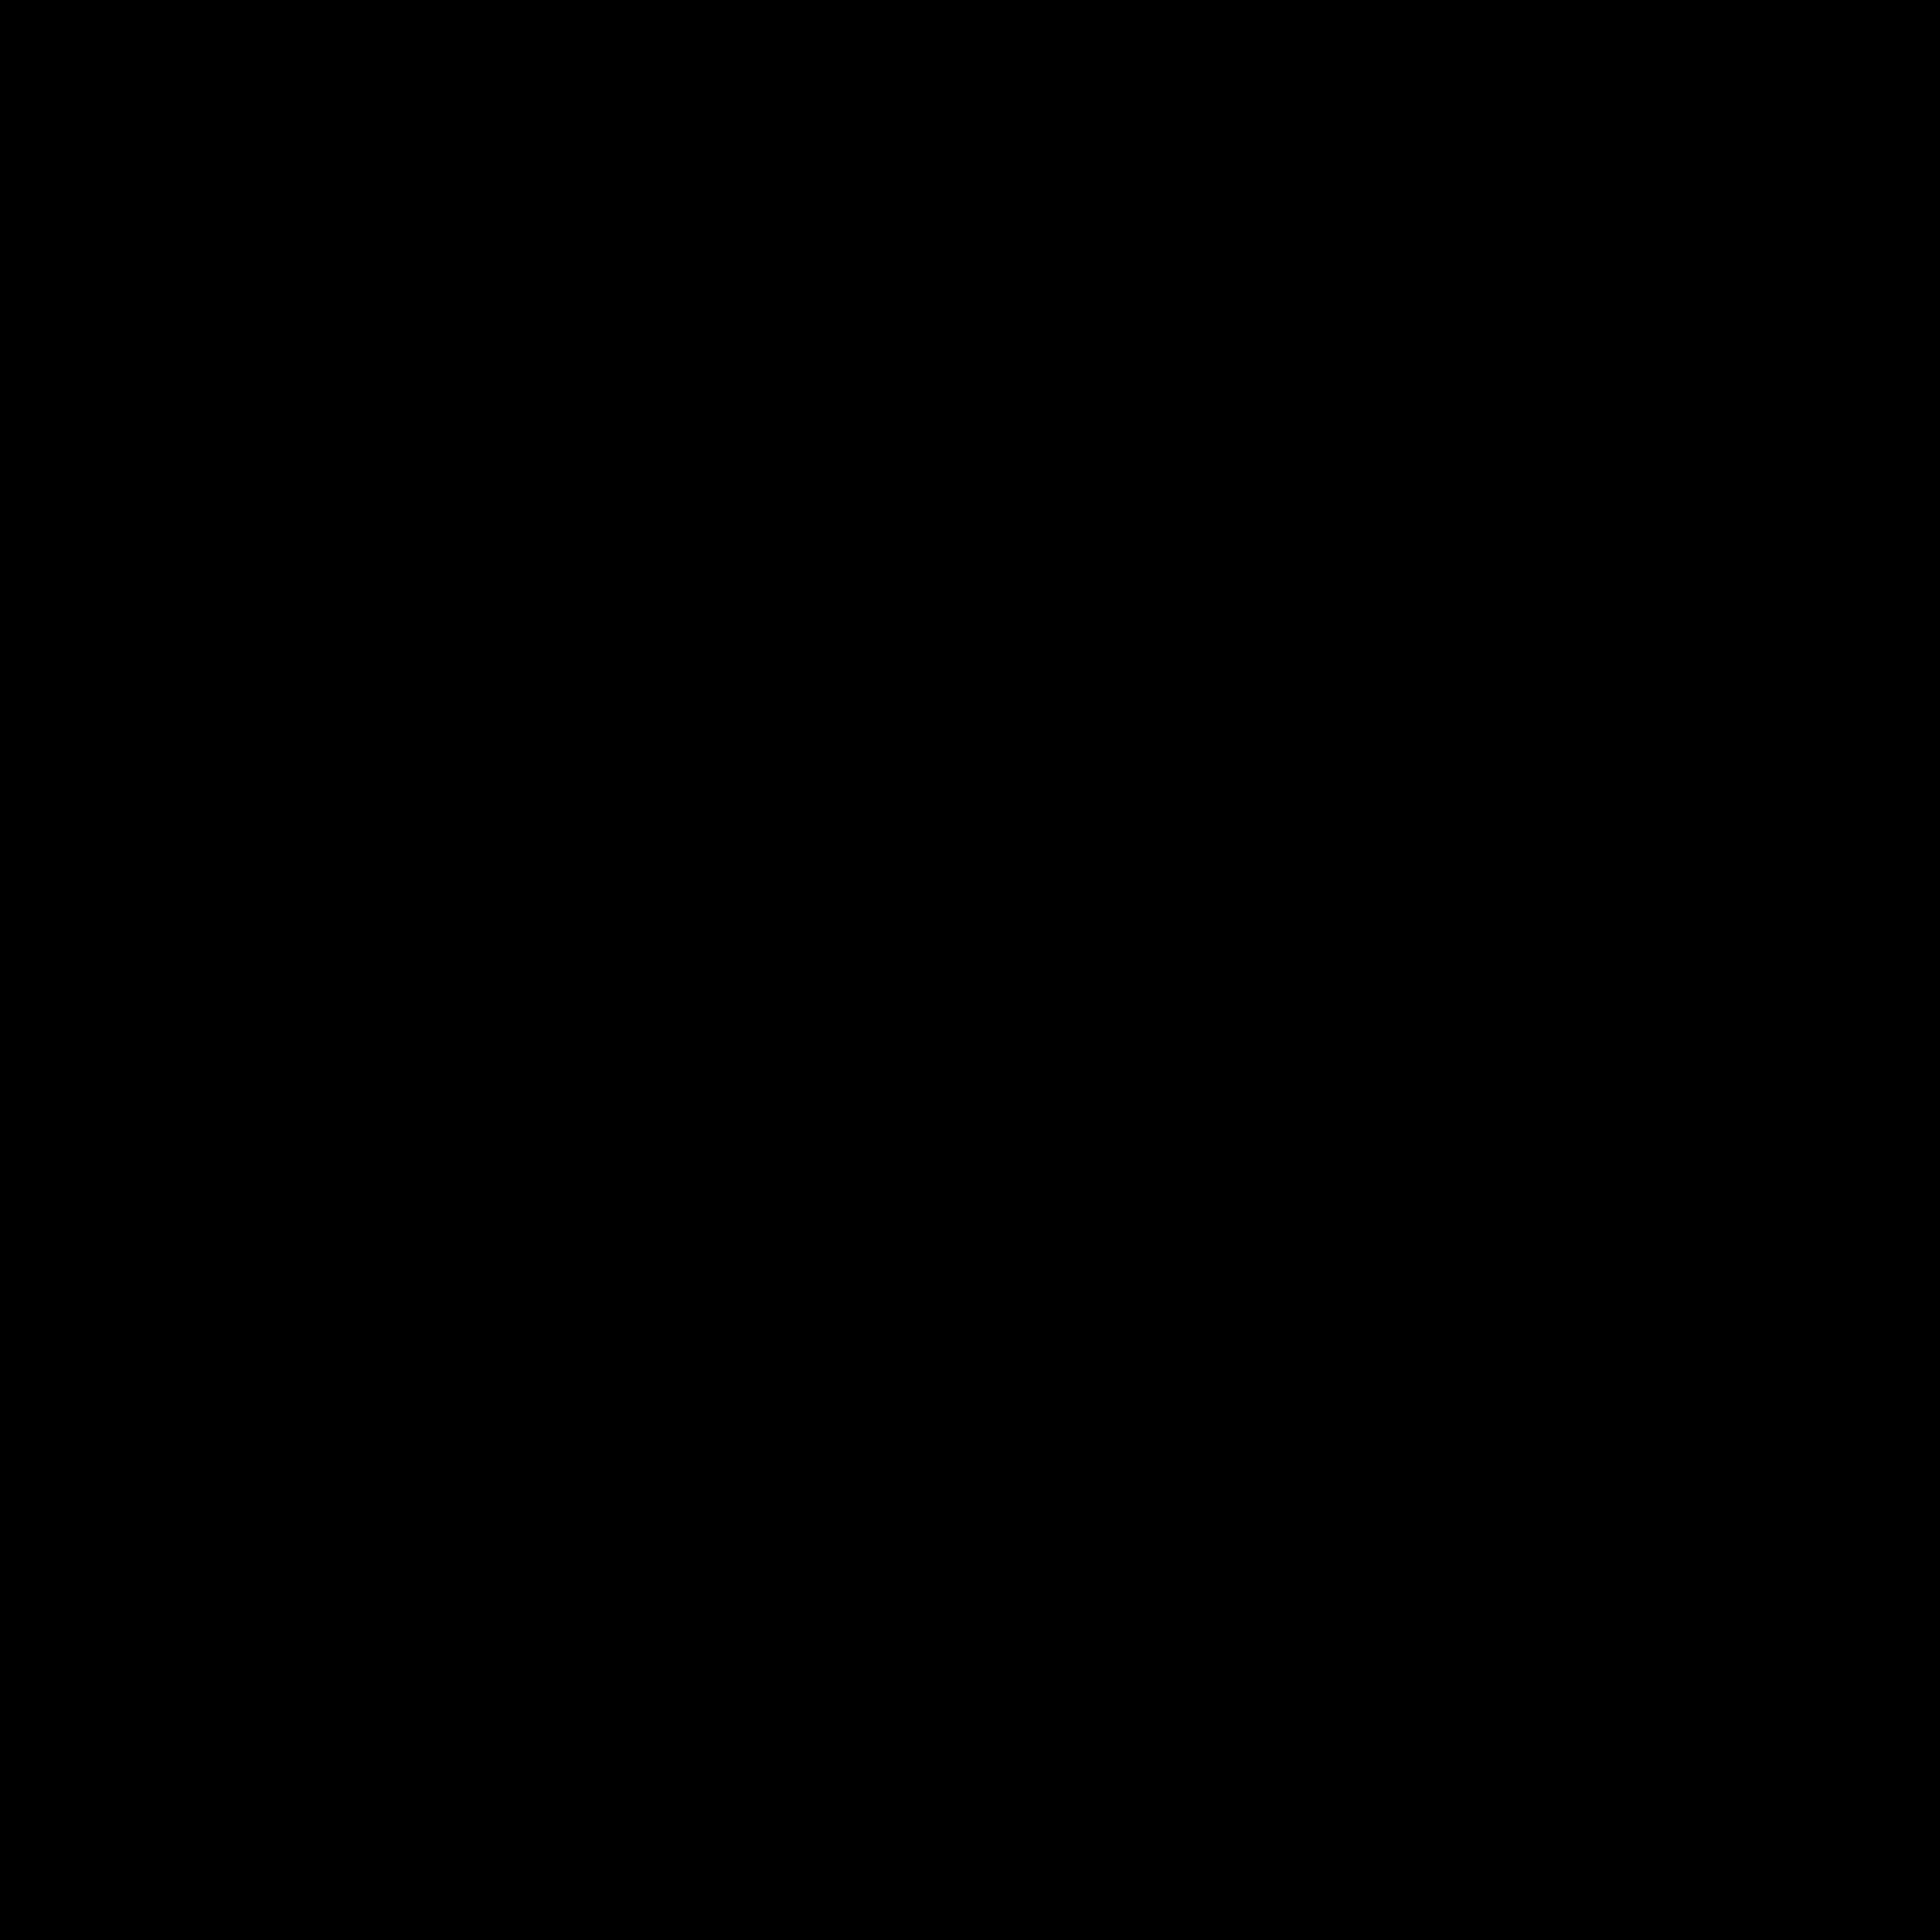 Tv Food Network Logo Png Transparent Svg Vector Freebie Supply